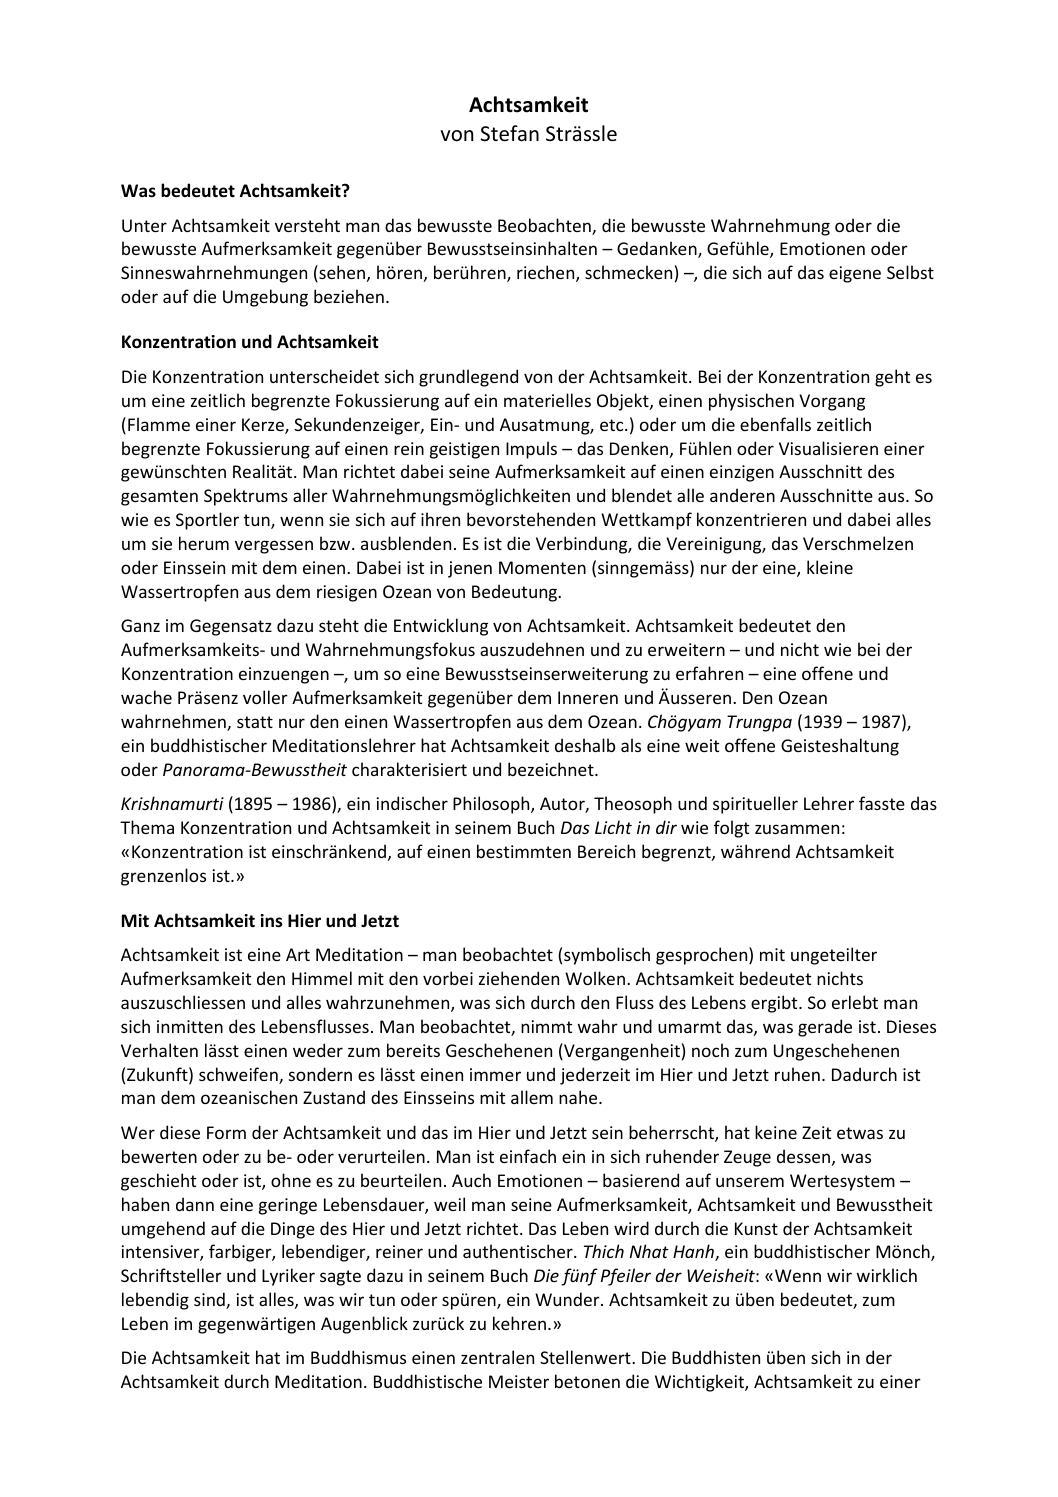 Stefan Strässle Artikel Zusammenfassung by Willy Rueegg - issuu